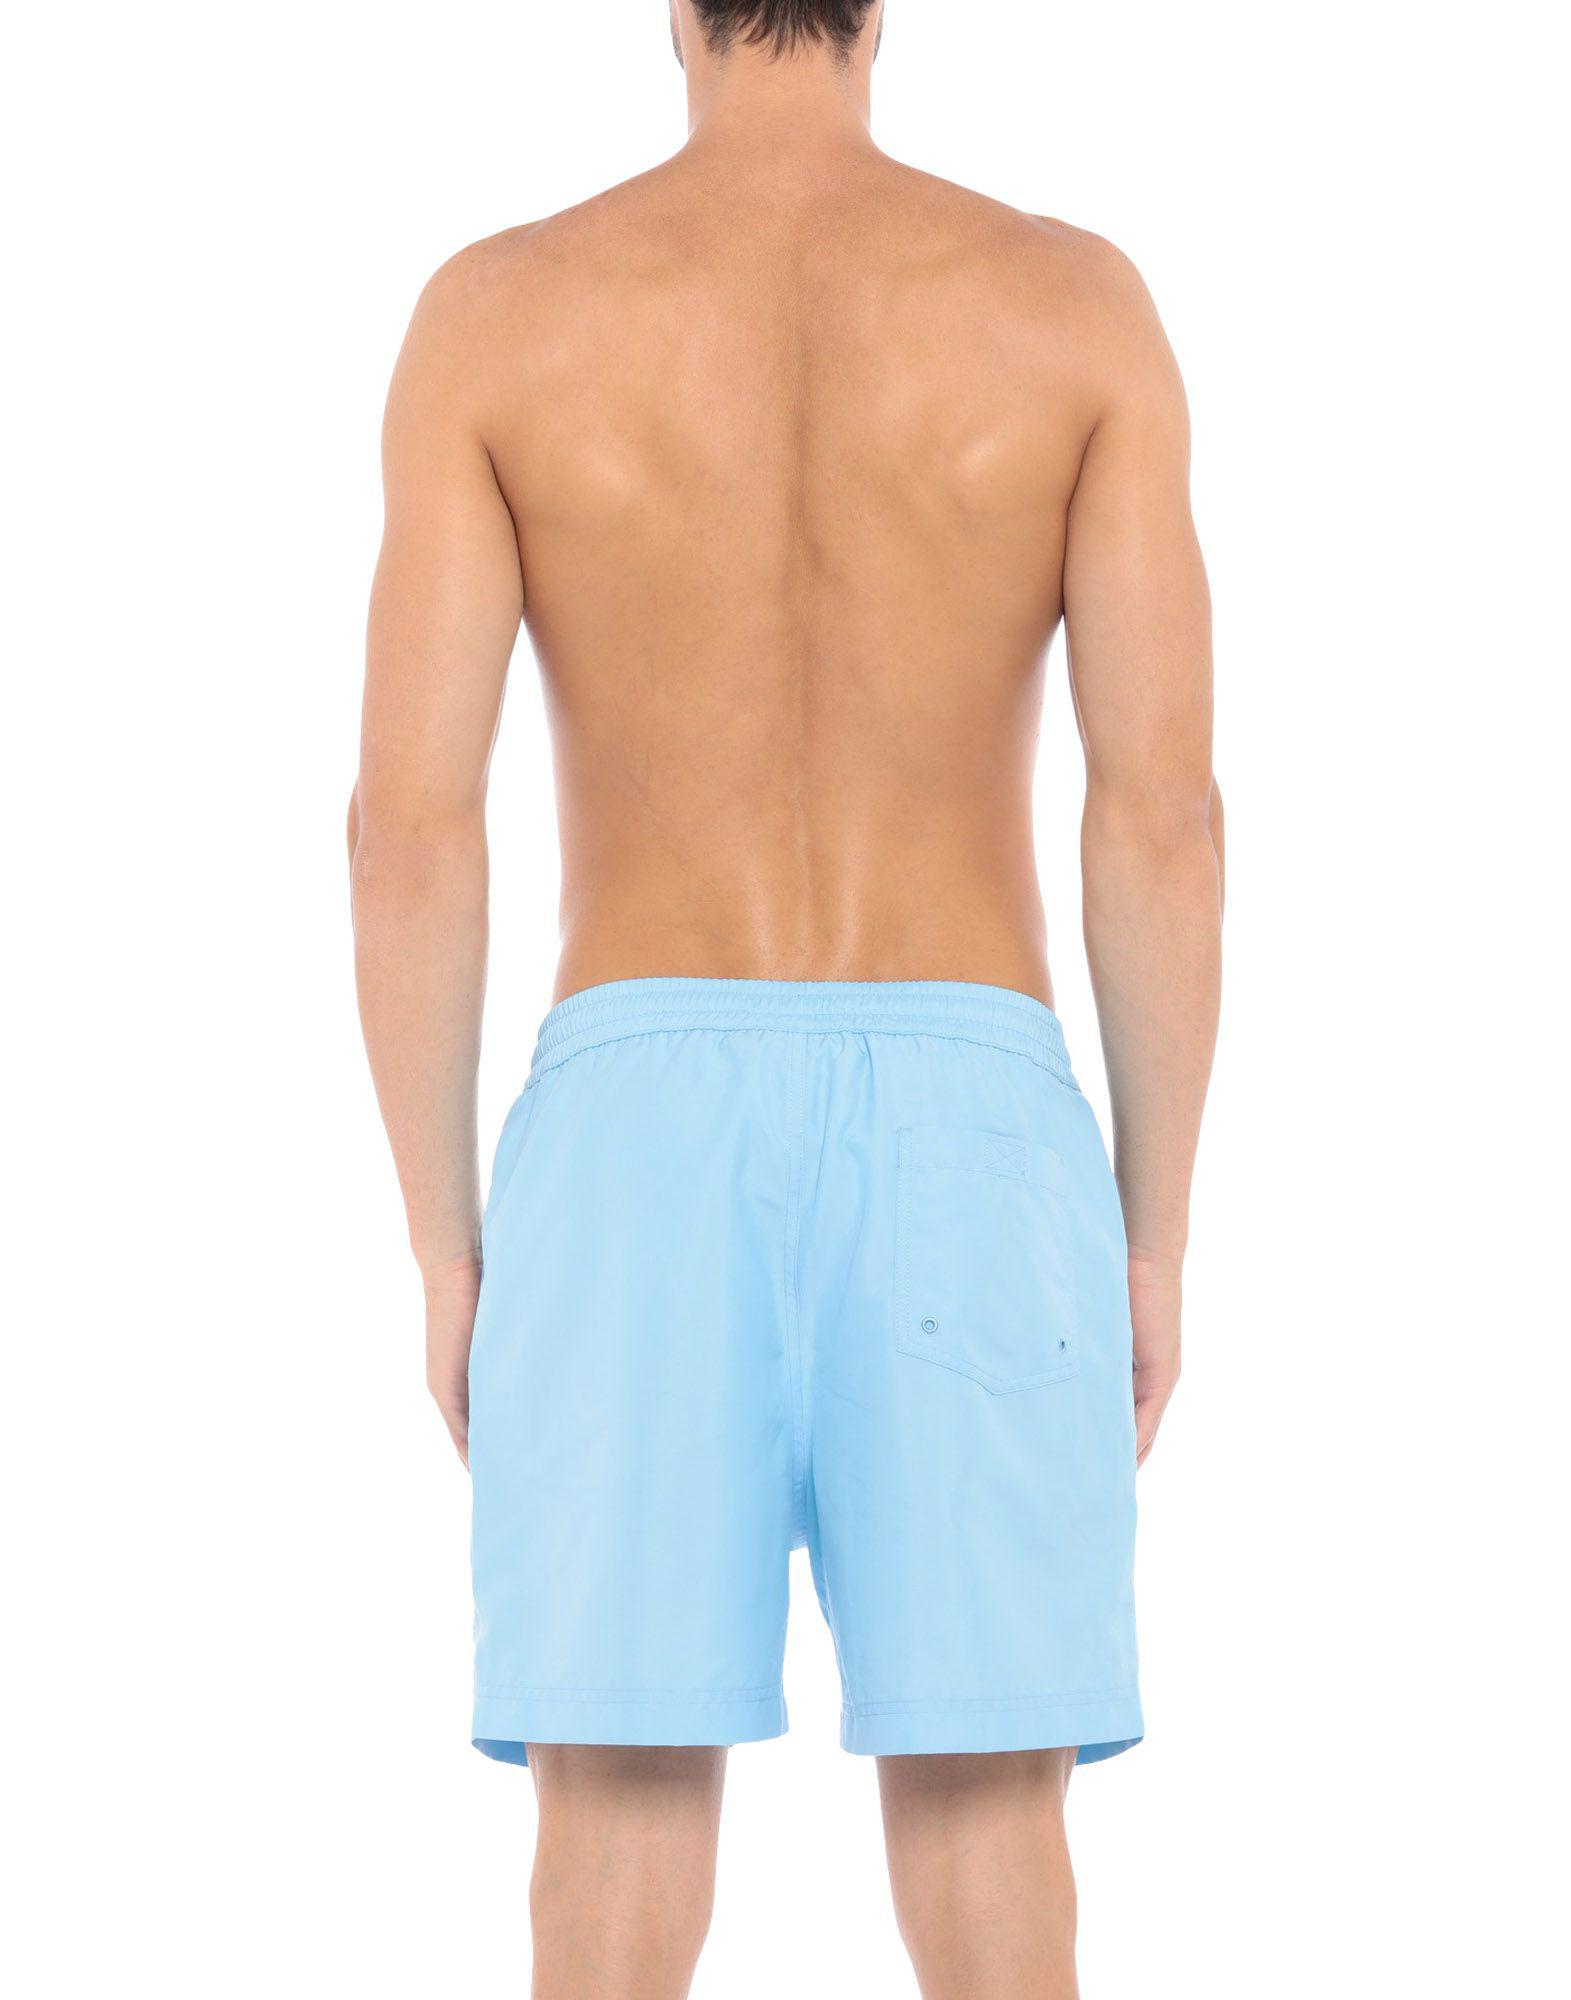 7d68d16775609 Lyst - Carhartt Swimming Trunks in Blue for Men